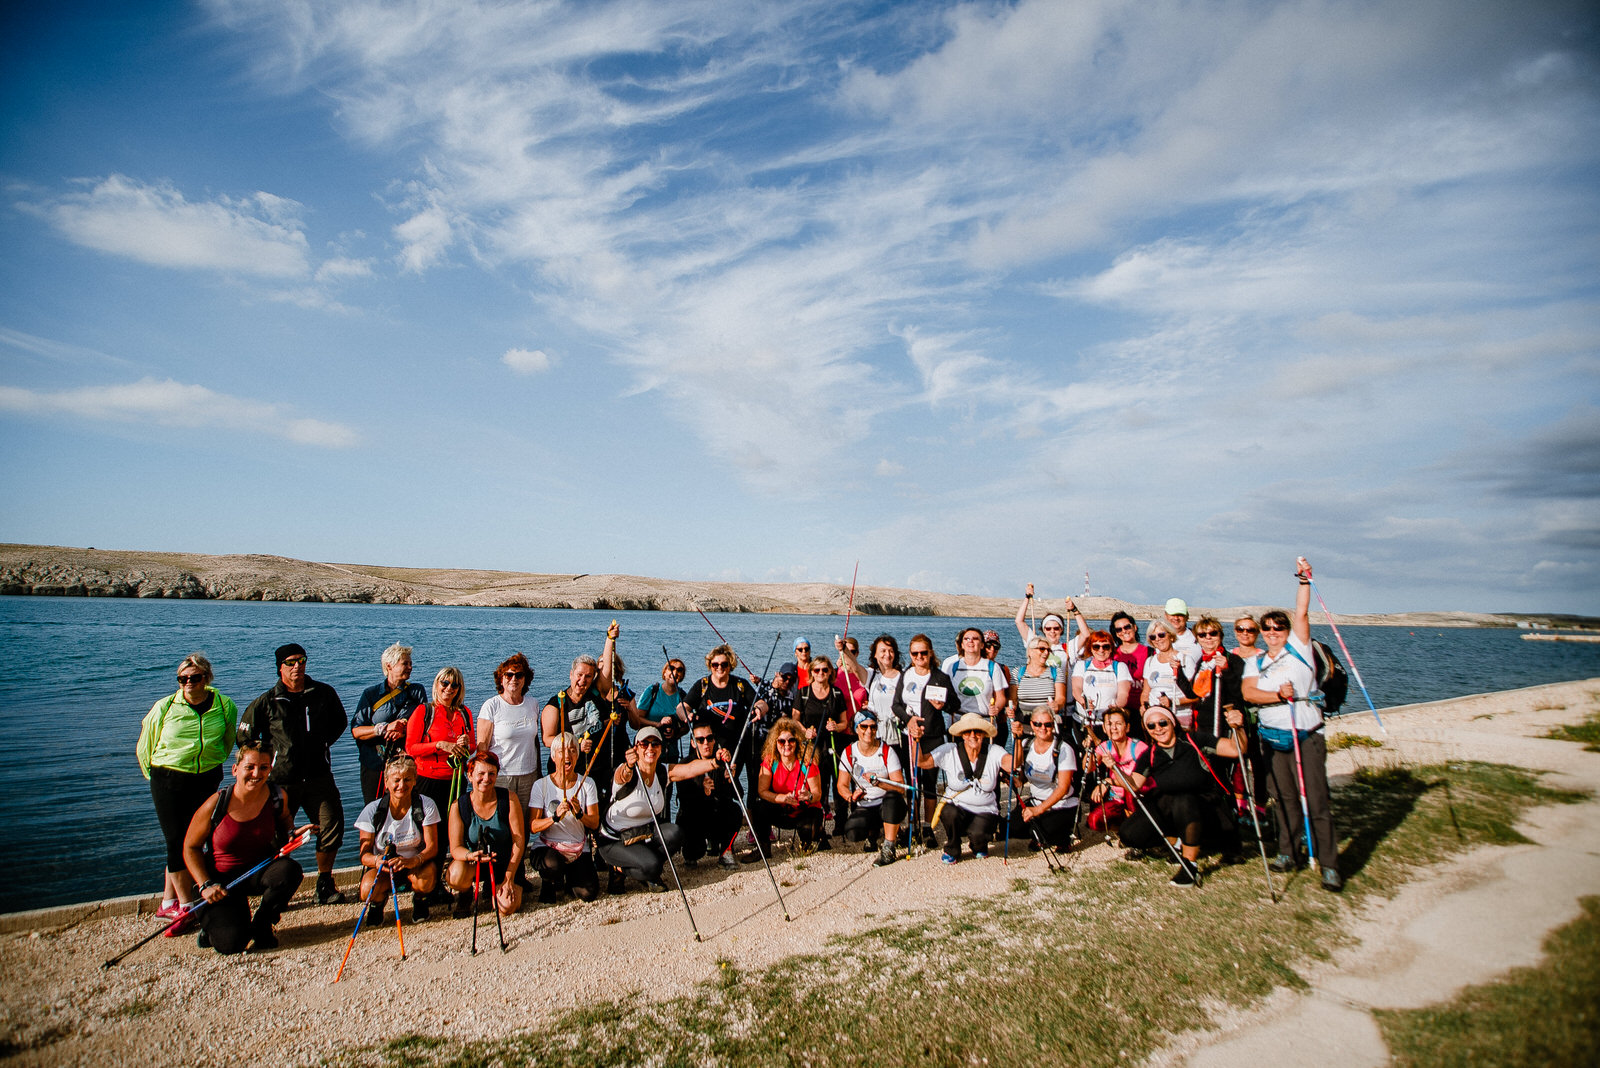 likaclub_nordijsko-hodanje-mjesečevim-otokom_pag-2019-22